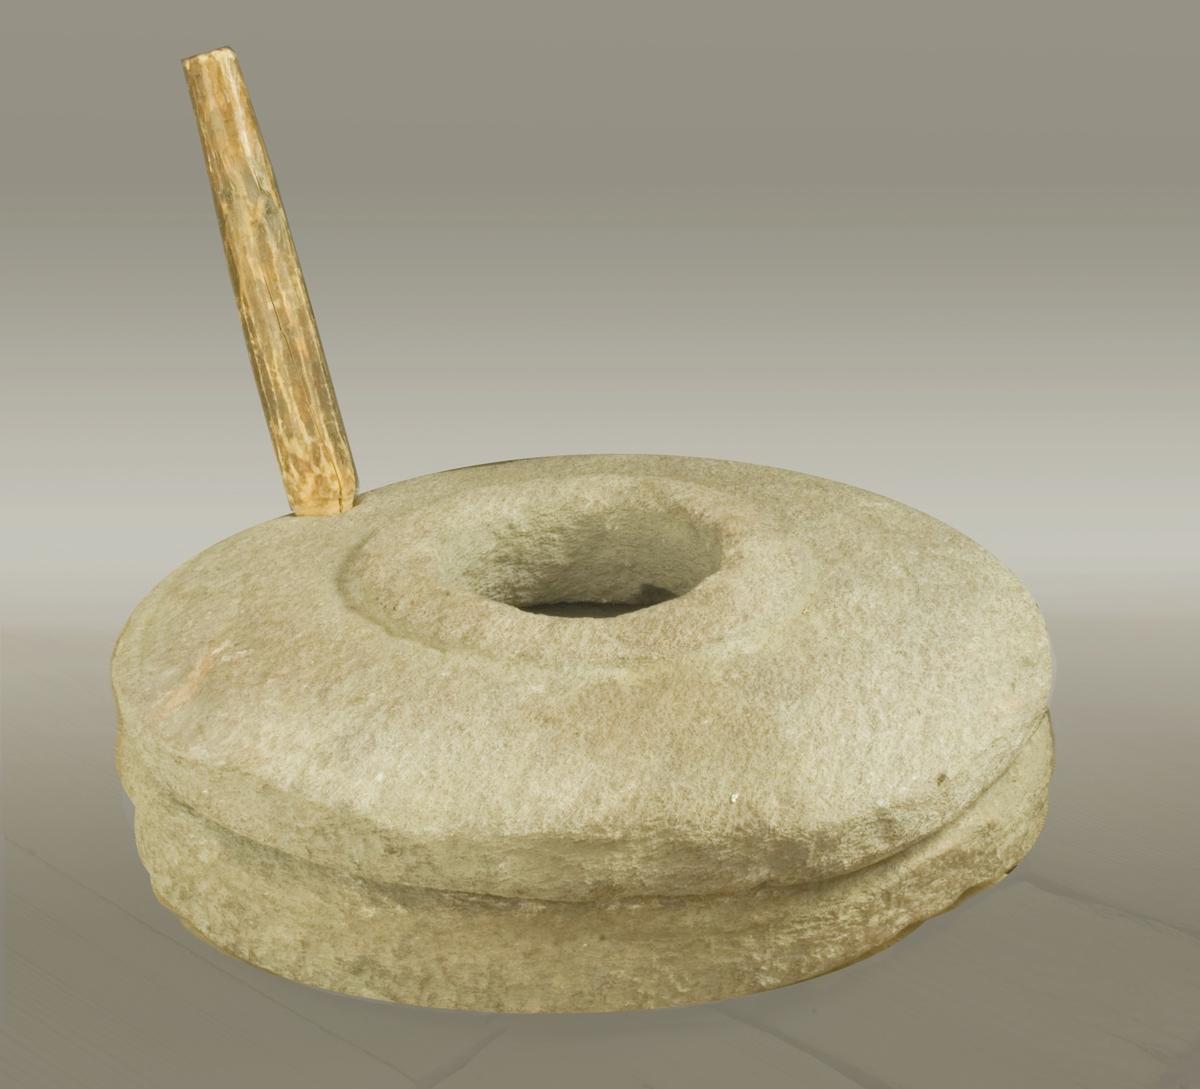 Handkvarn, med underdel och överdel, handhuggen av sten. Underdelen med mitthål, som nu är igenfyllt av något som liknar lera. Överdelen med mitthål samt hål nära kanten avsett för handtag av trä. Runt mitthålet en bred förstärkande upphöjd kant. Mitthålets diameter 140 mm.